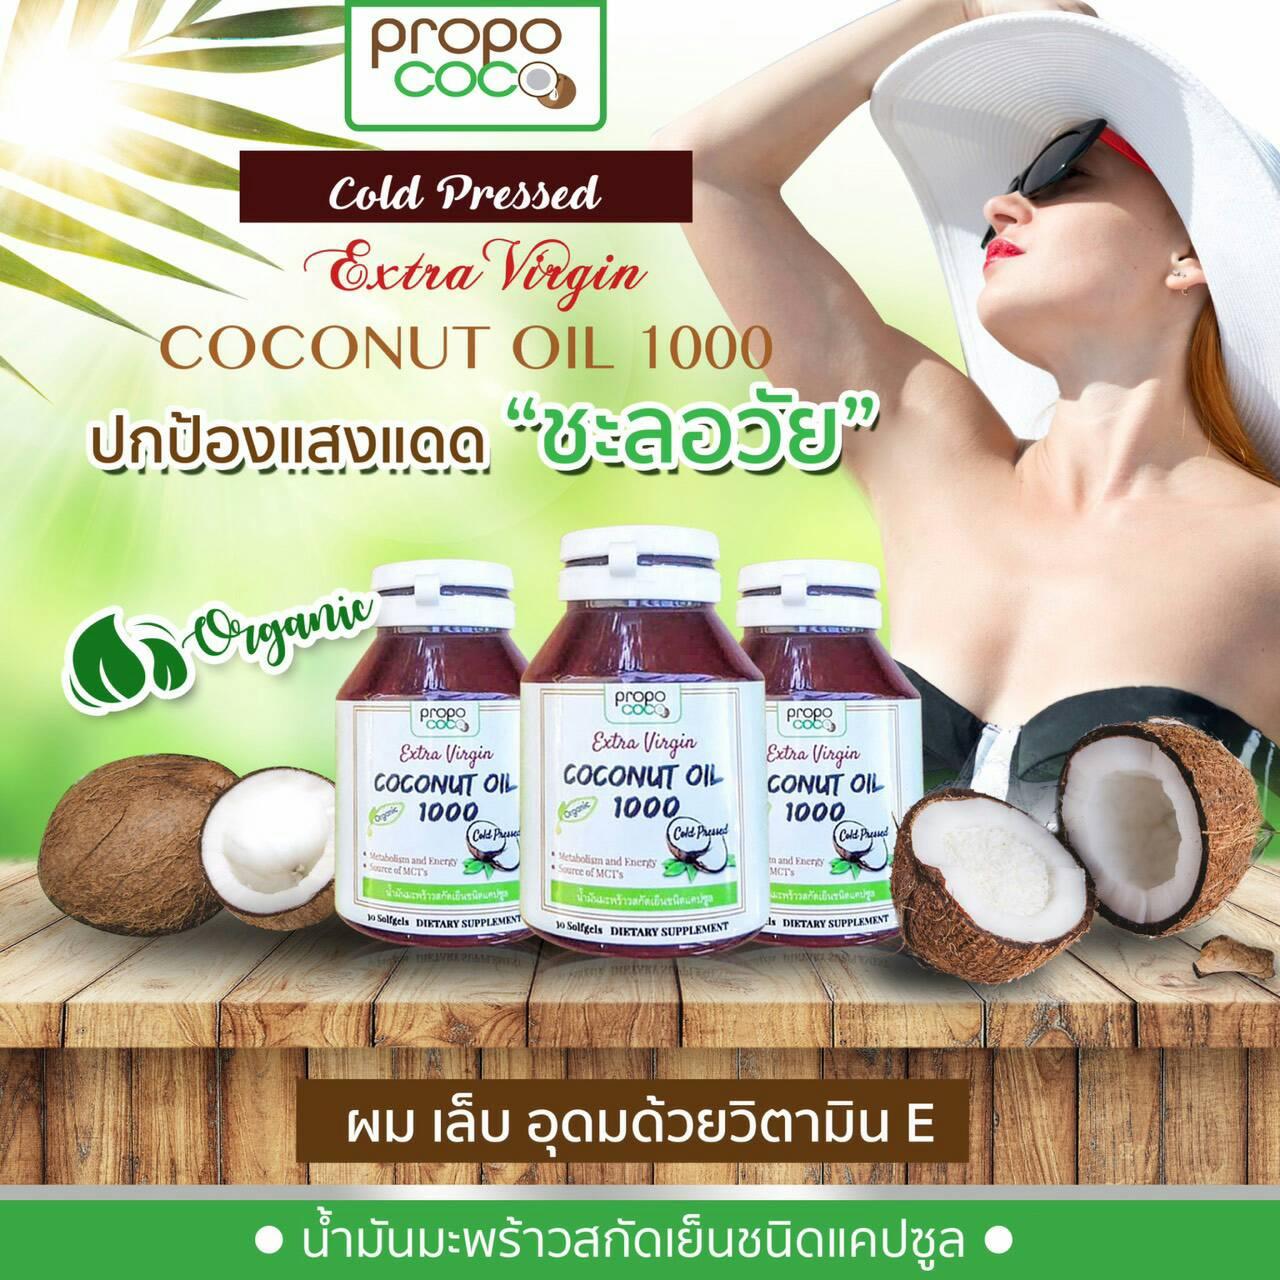 Propo Cocoมะพร้าวสกัดเย็น บำรุงสุขภาพ ลดน้ำหนัก ผิวสวย